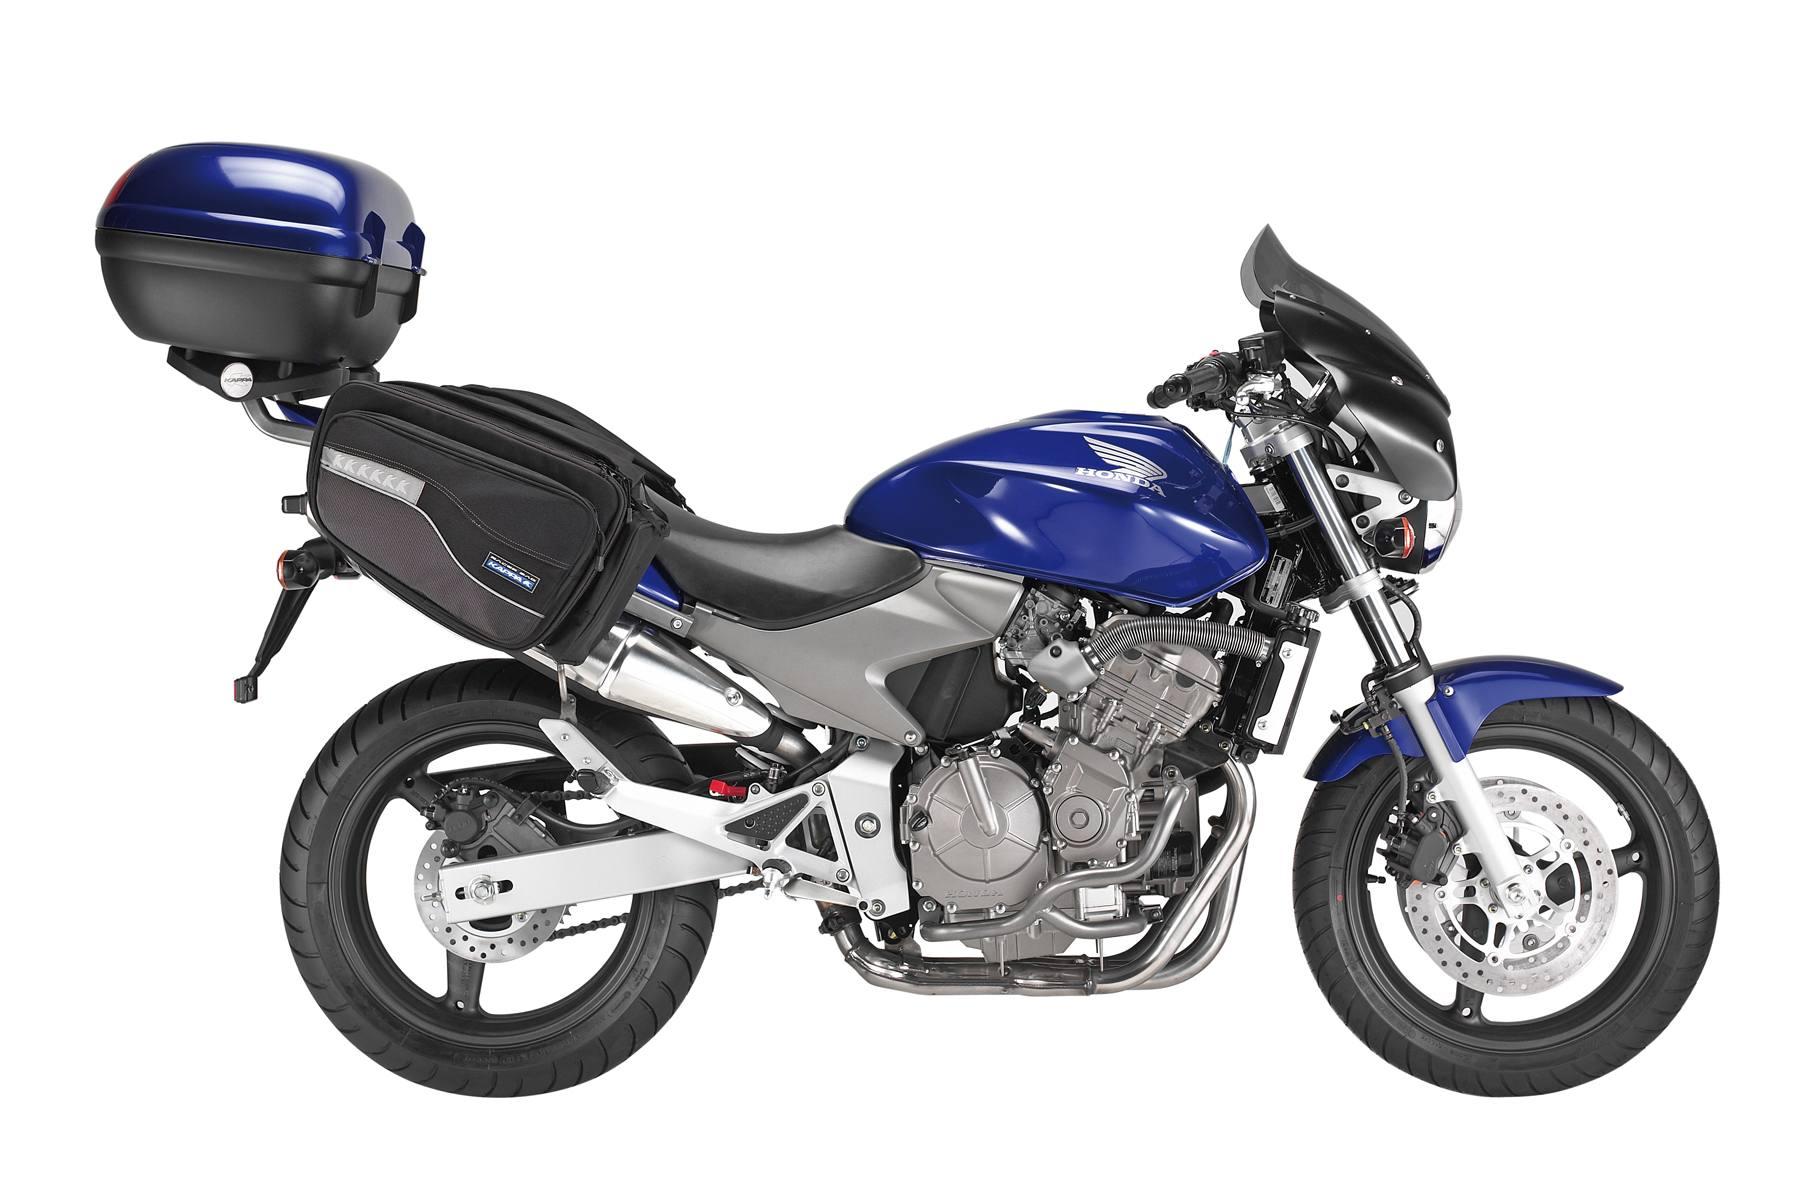 Como instalar alforjas en una motocicleta